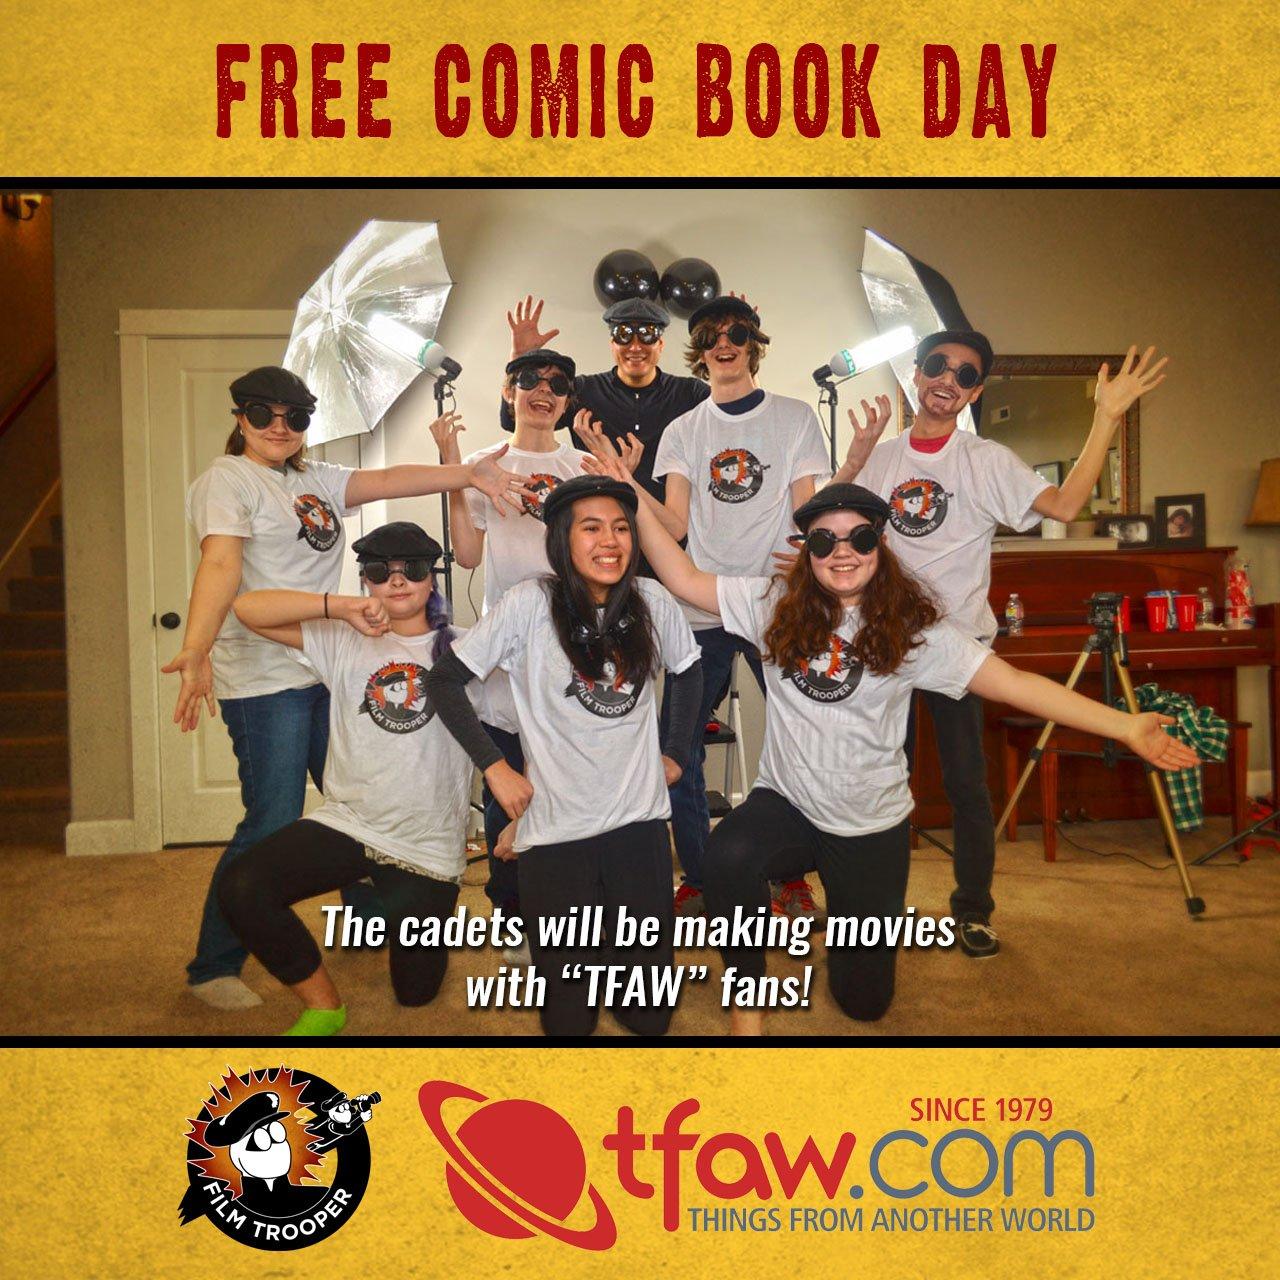 FTA Comic Book Instagram Ad